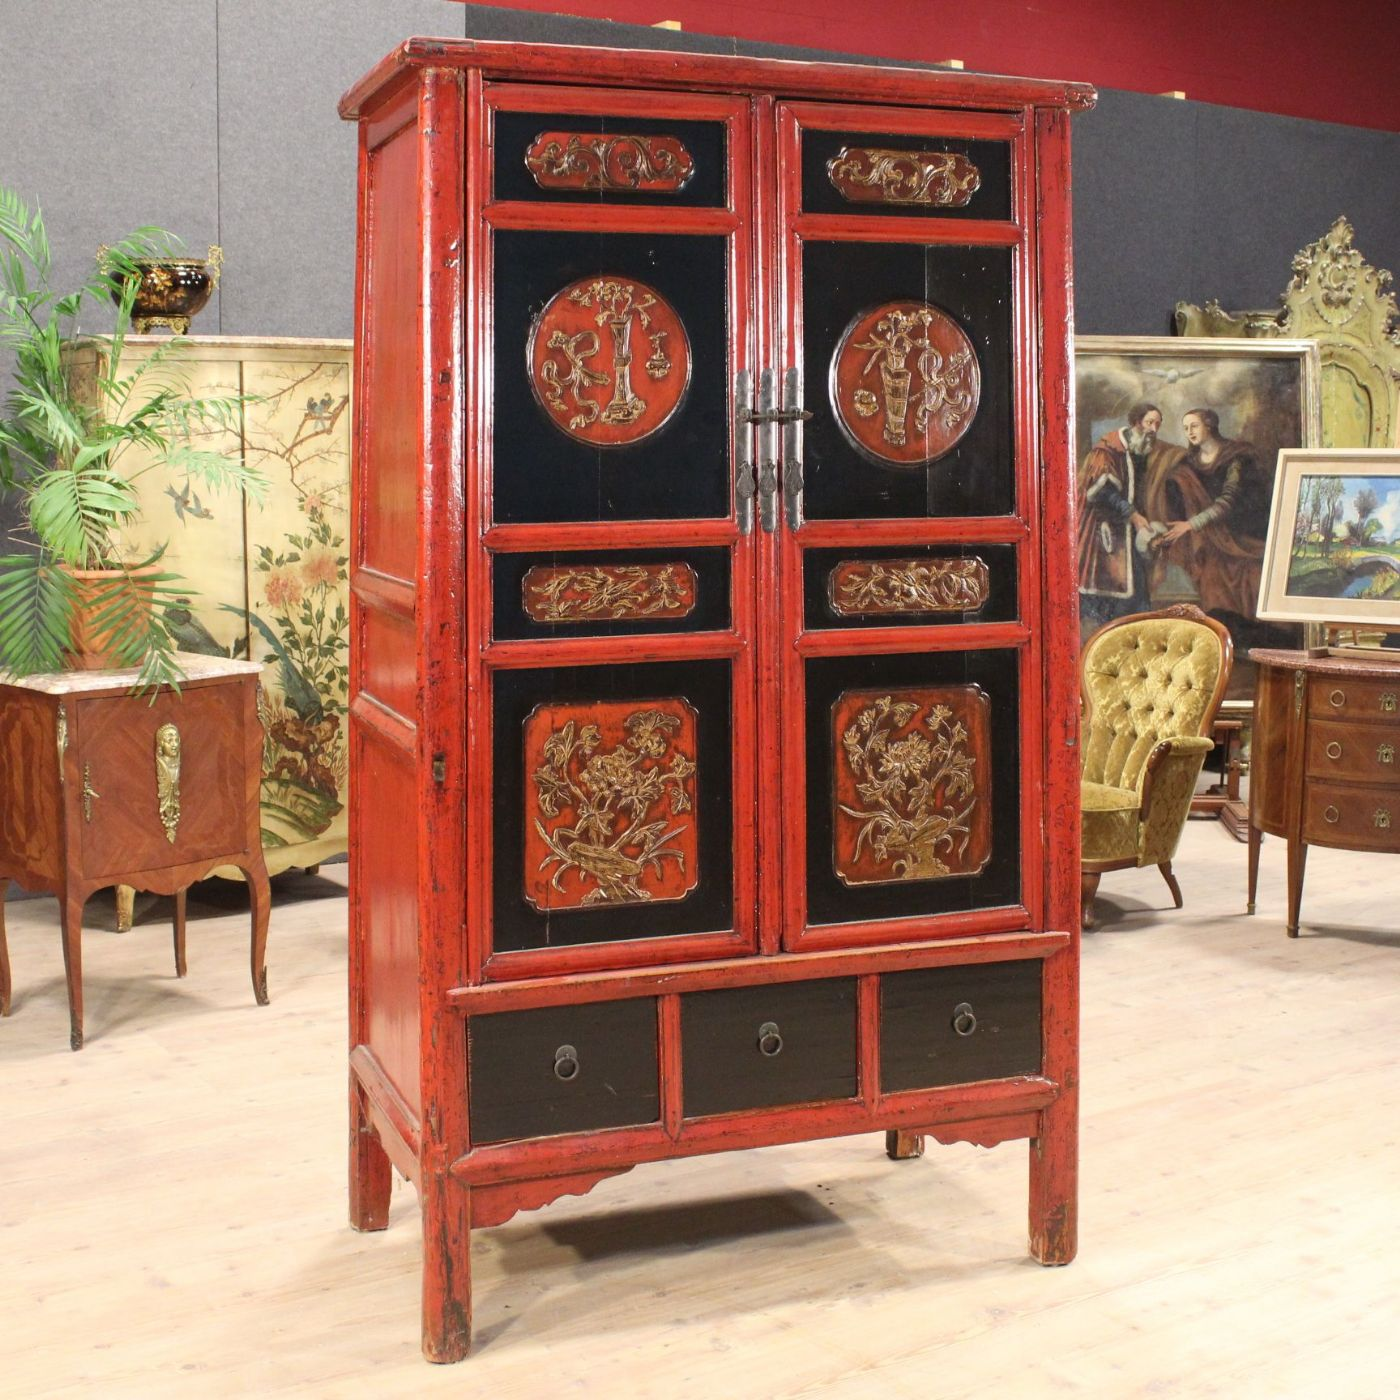 Armadio cinese in legno laccato del xx secolo antiquariato su anticoantico - Mobili stile industriale usati ...